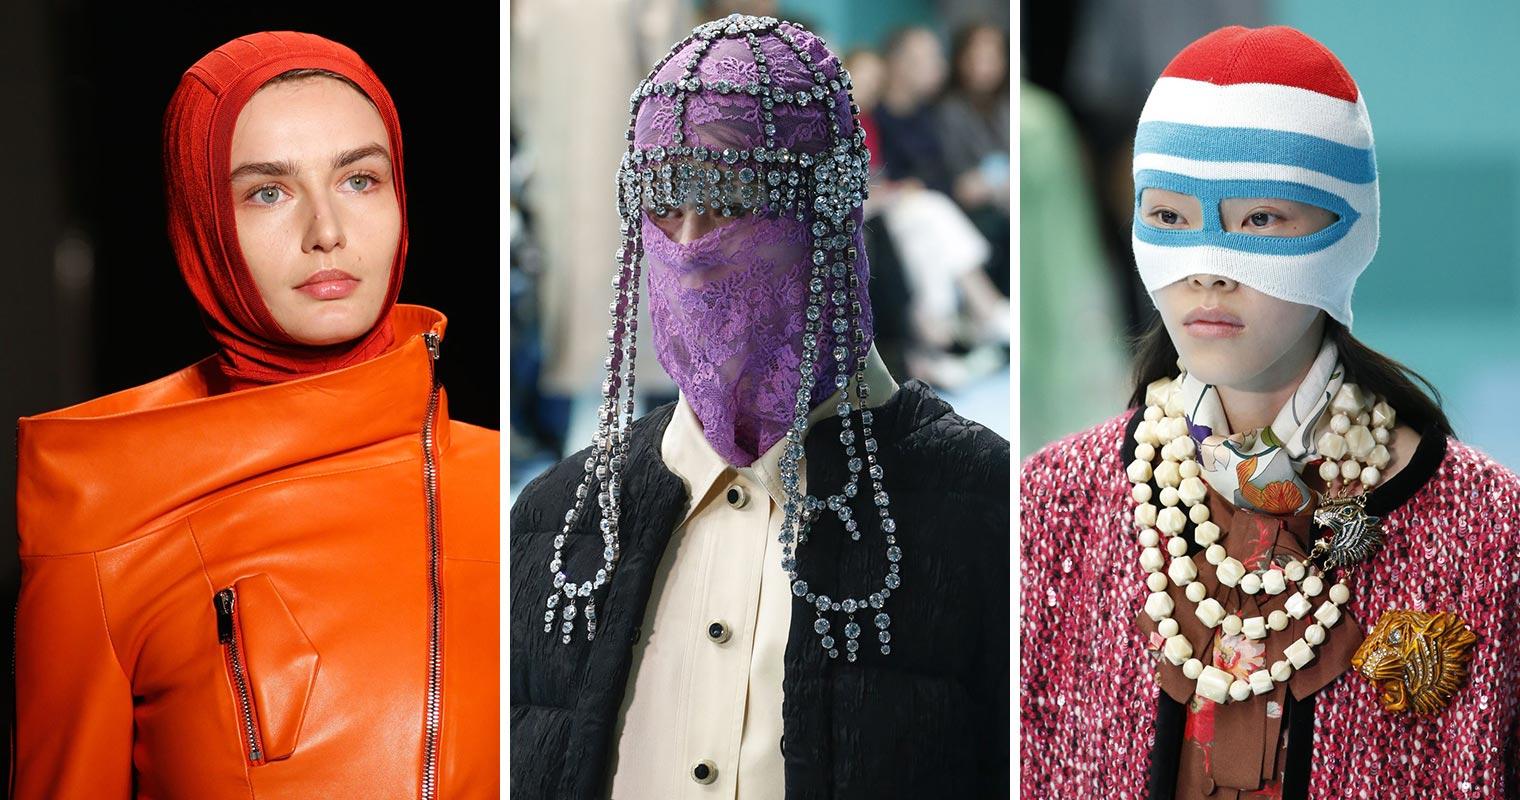 Zapomeňte na klasické čepice a klobouky. Nasaďte si kuklu. Na podzim a v zimě 2018/2019 bude hitem.